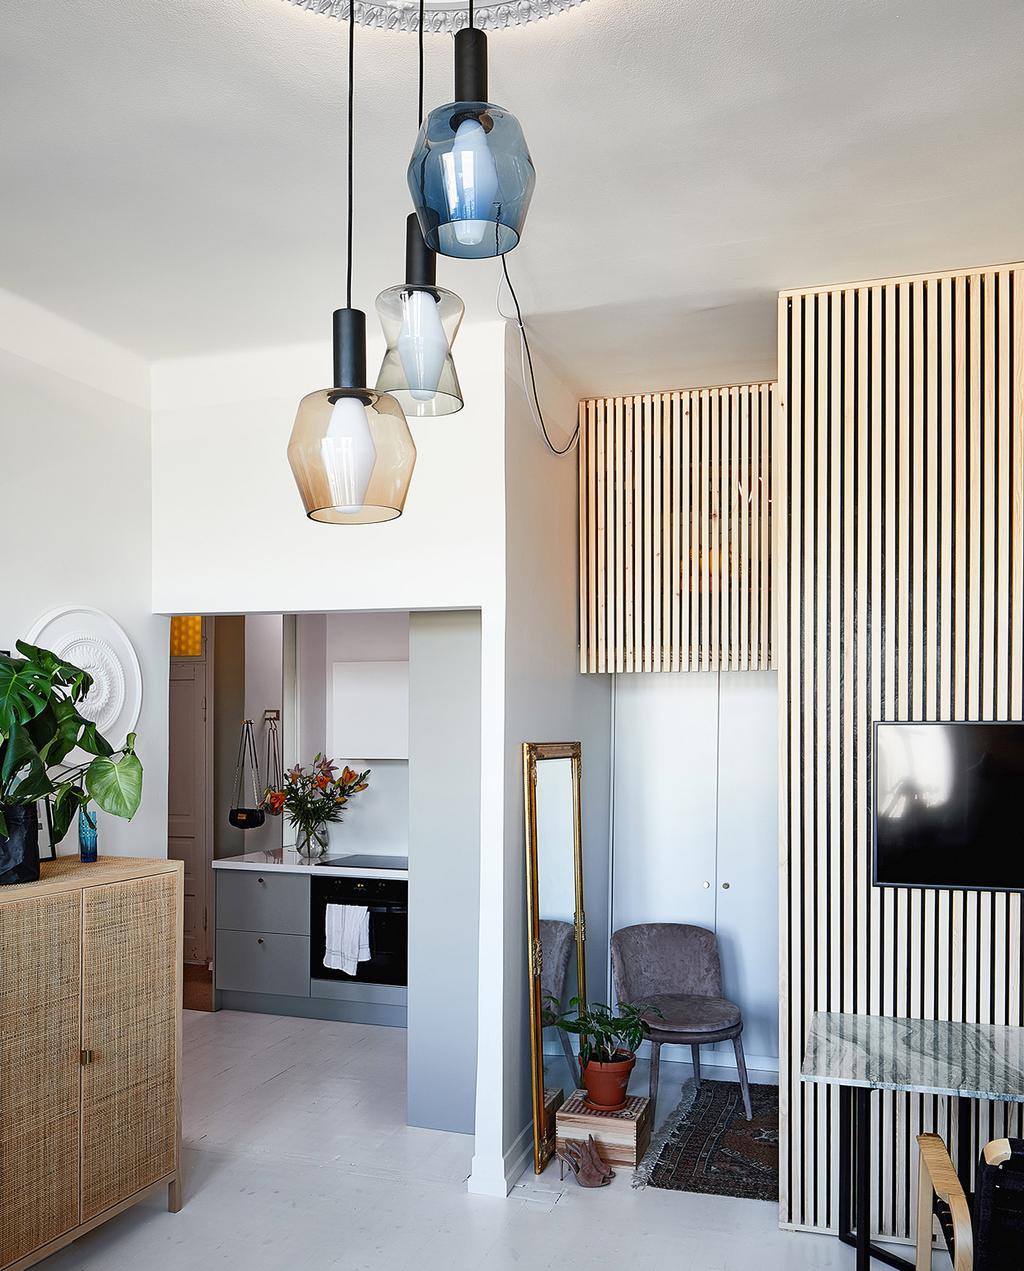 vtwonen special tiny houses | woonkamer met witte muren en webbing kast